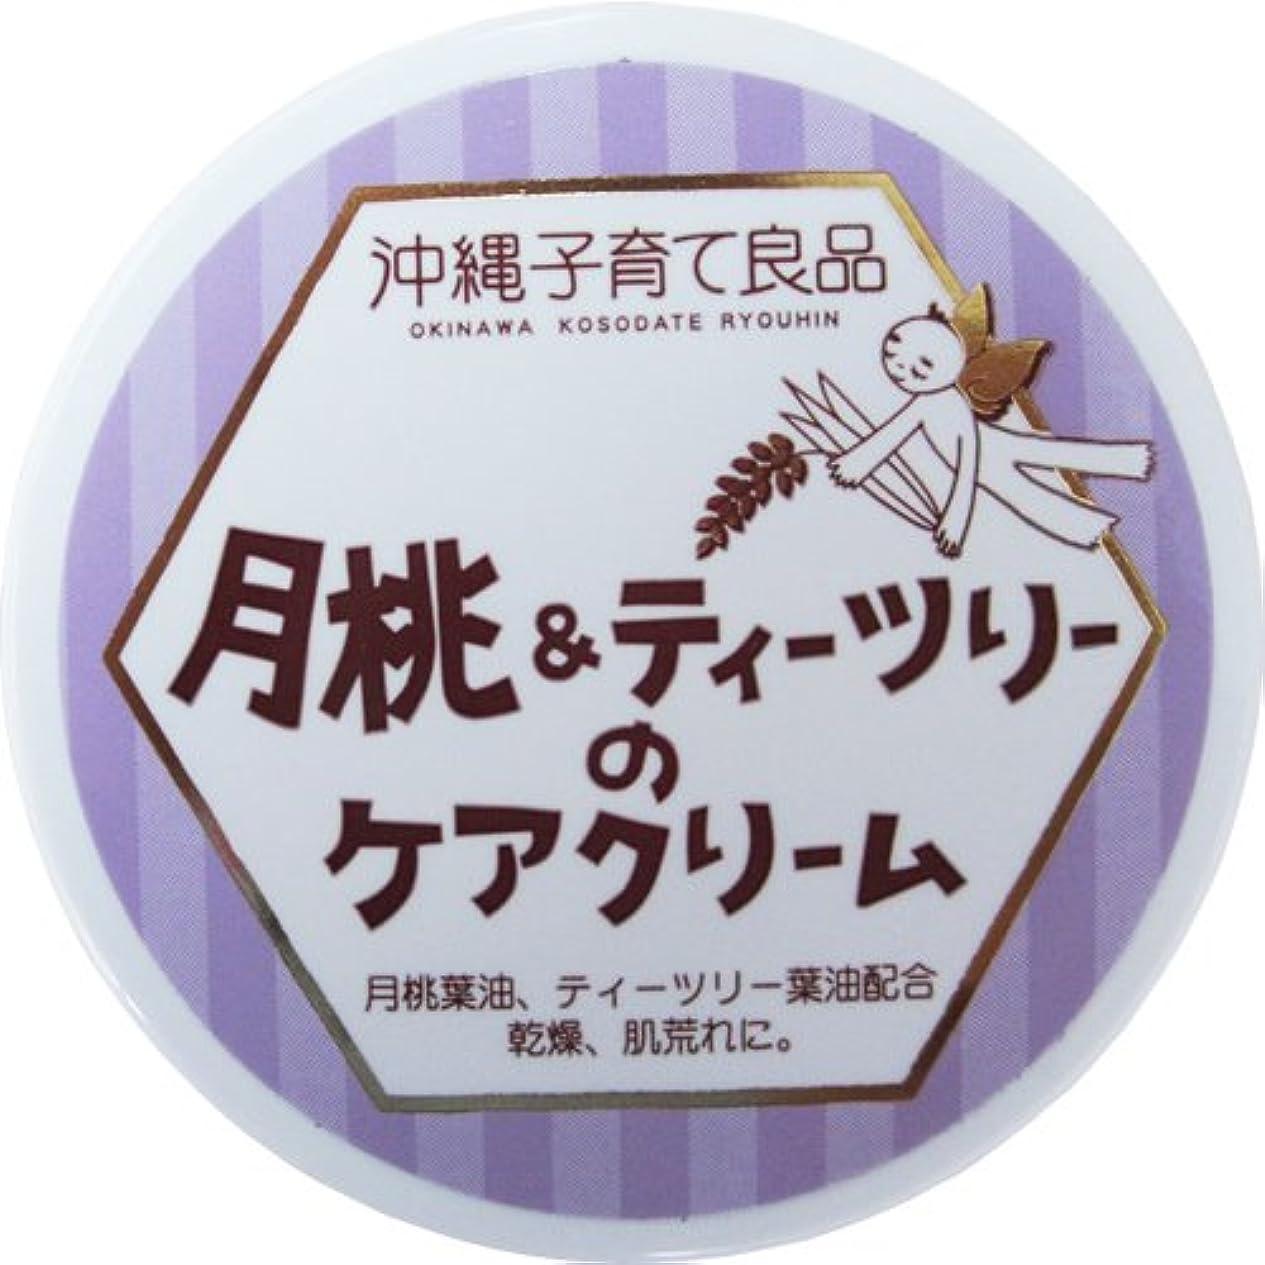 翻訳あいまいな申し立てる沖縄子育て良品 月桃&ティツリーのケアクリーム (25g)